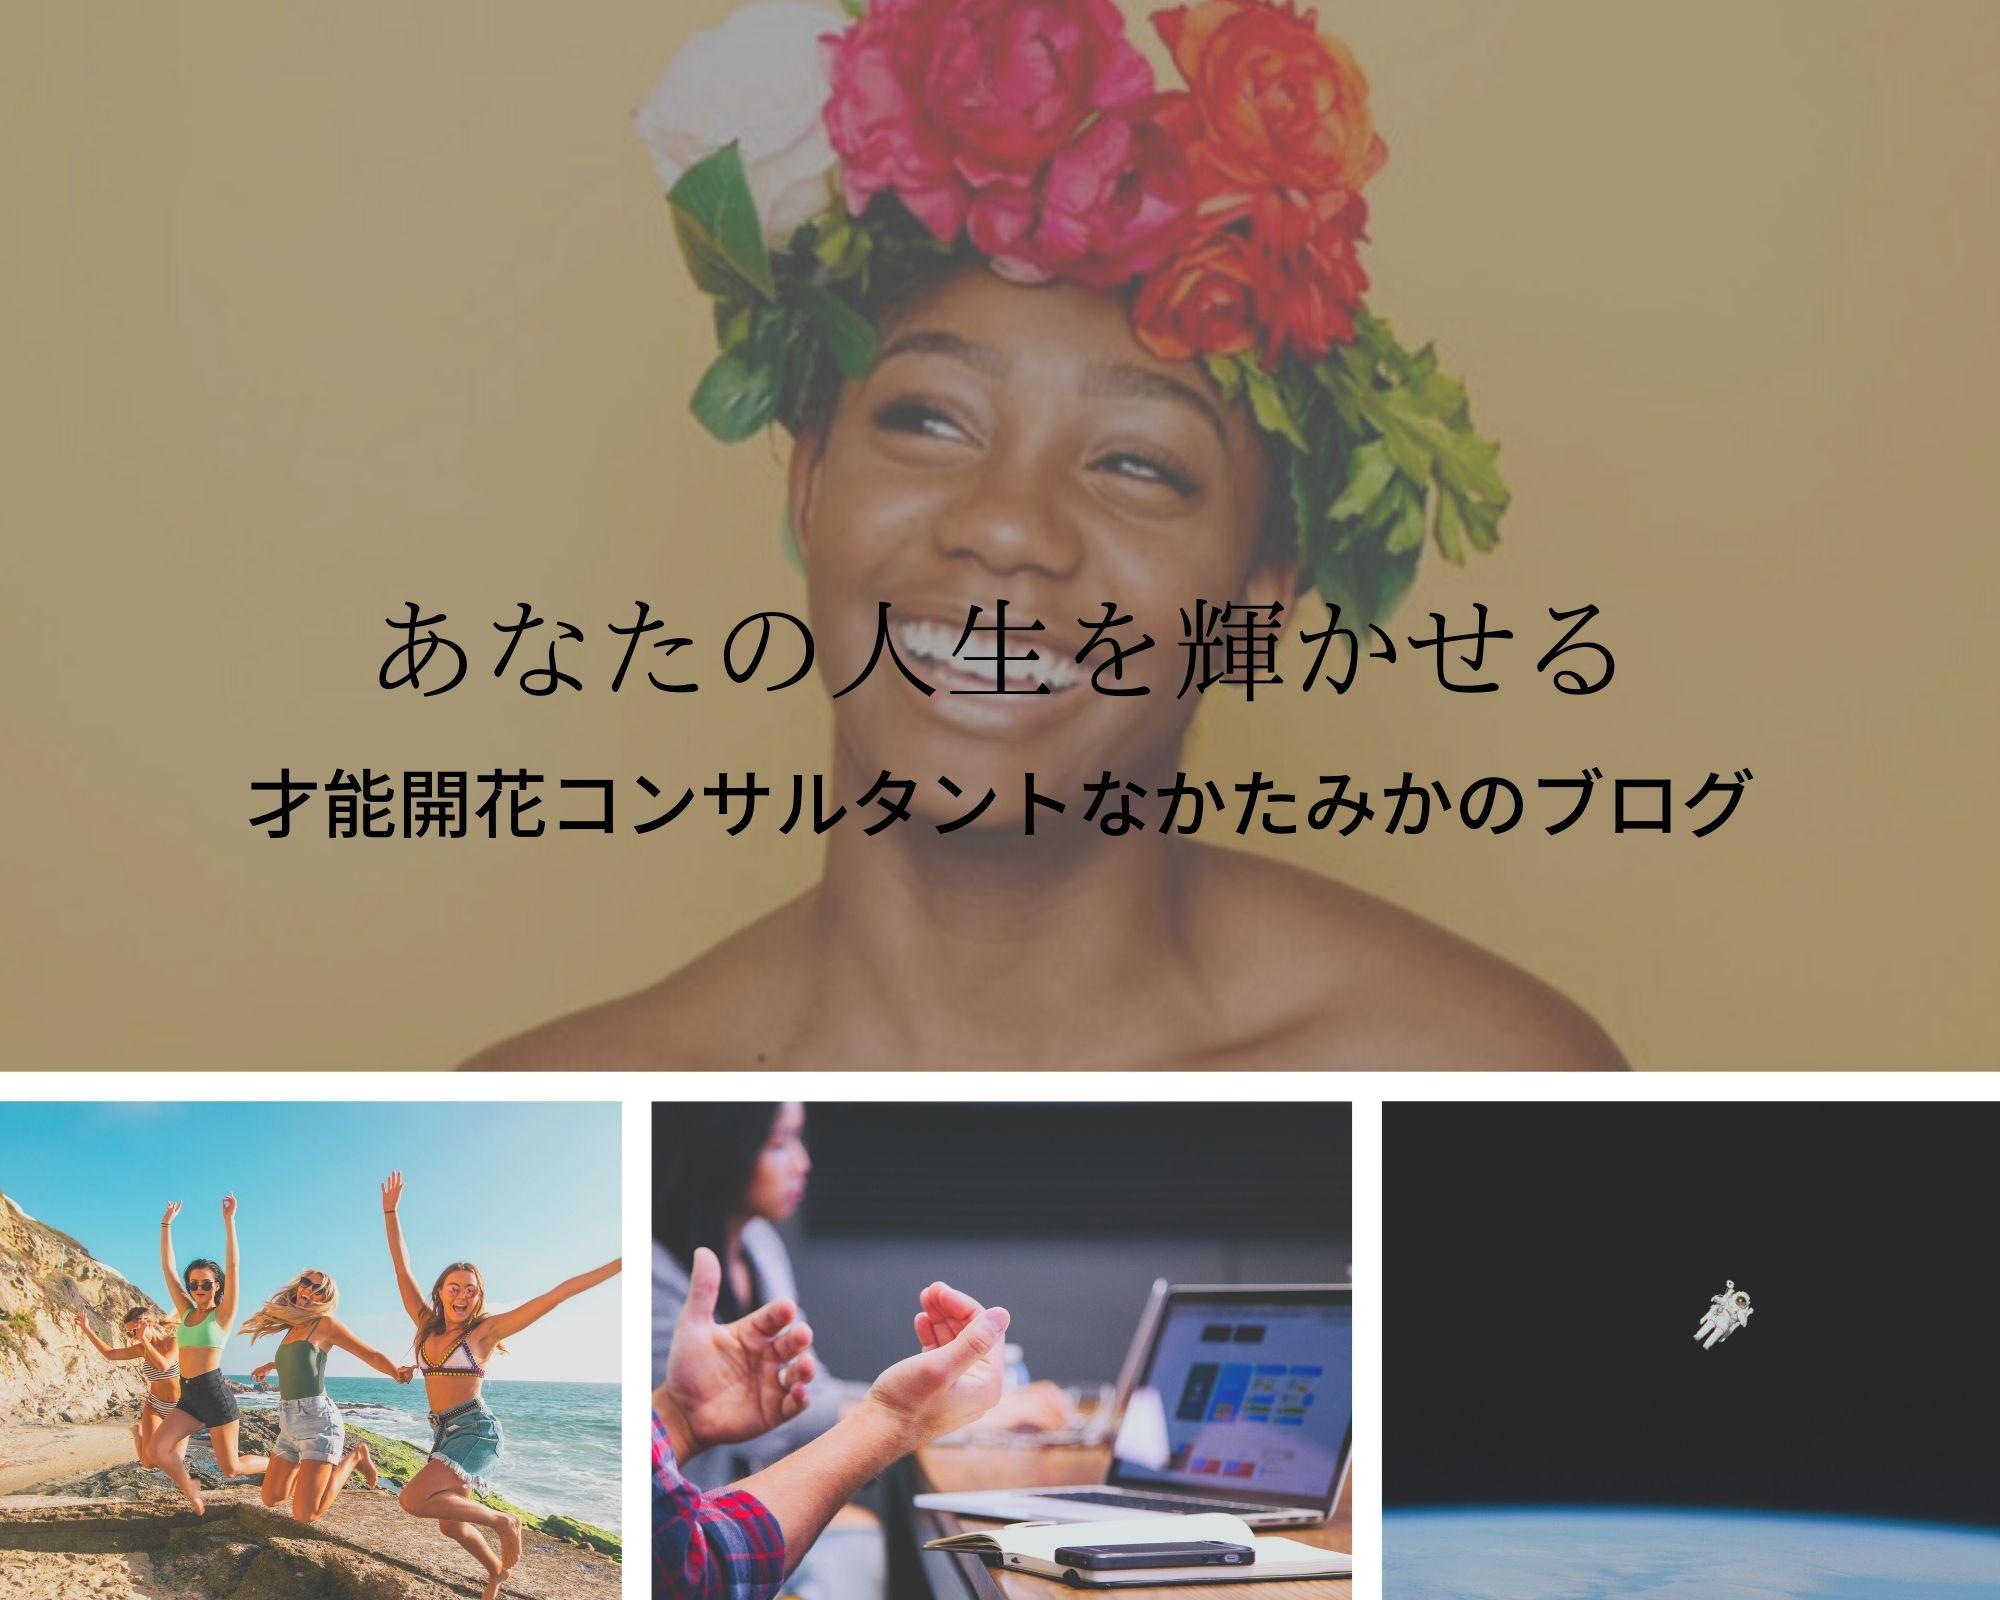 あなたの人生を輝かせる才能開花コンサルタント なかたみかのブログ